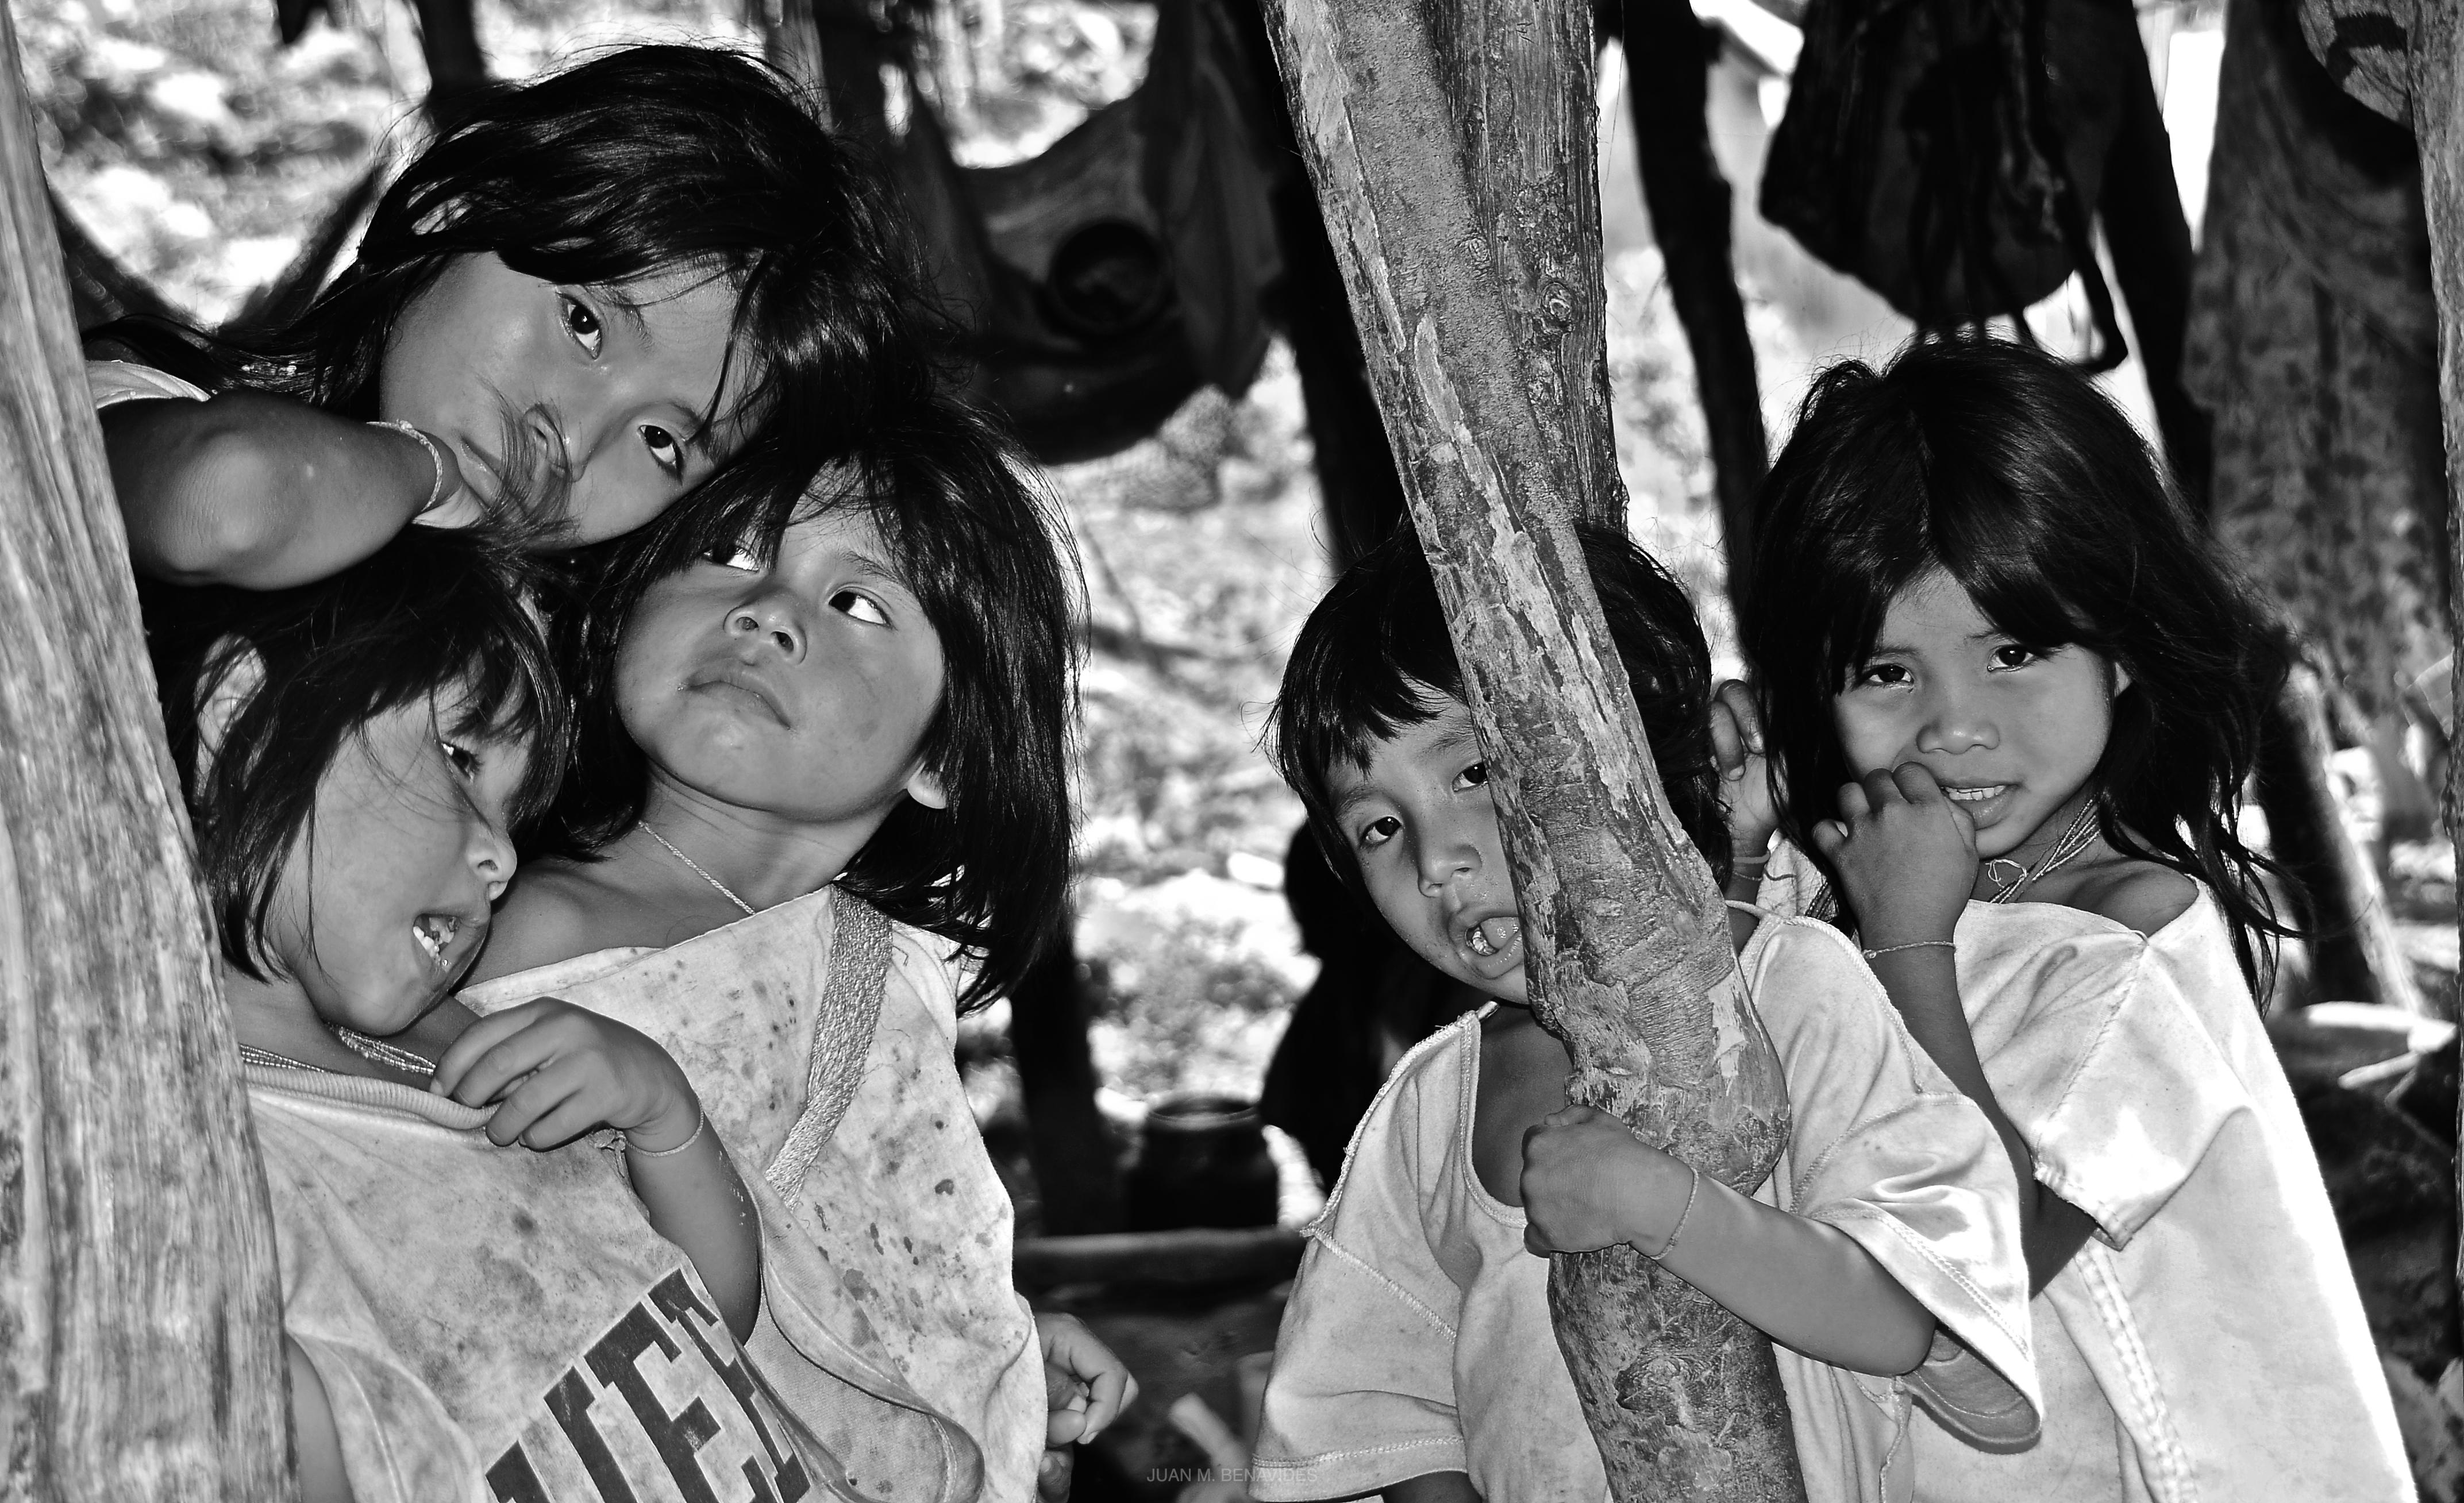 niñas indigenas